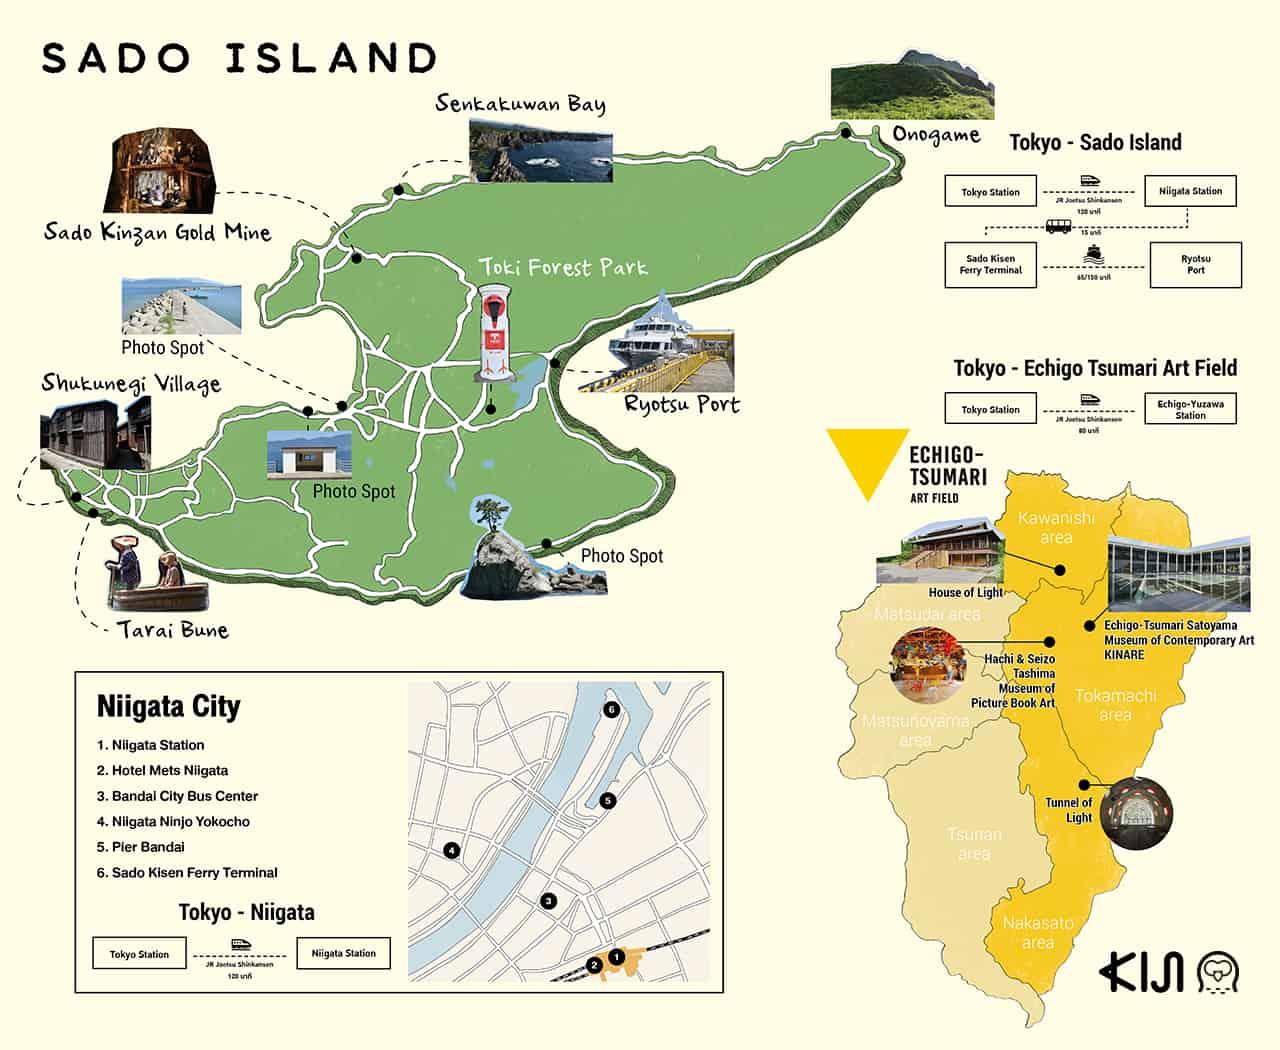 แผนที่เที่ยว นีงาตะ (Niigata) ที่ Sado Island &Echigo-Tsumari Art Field